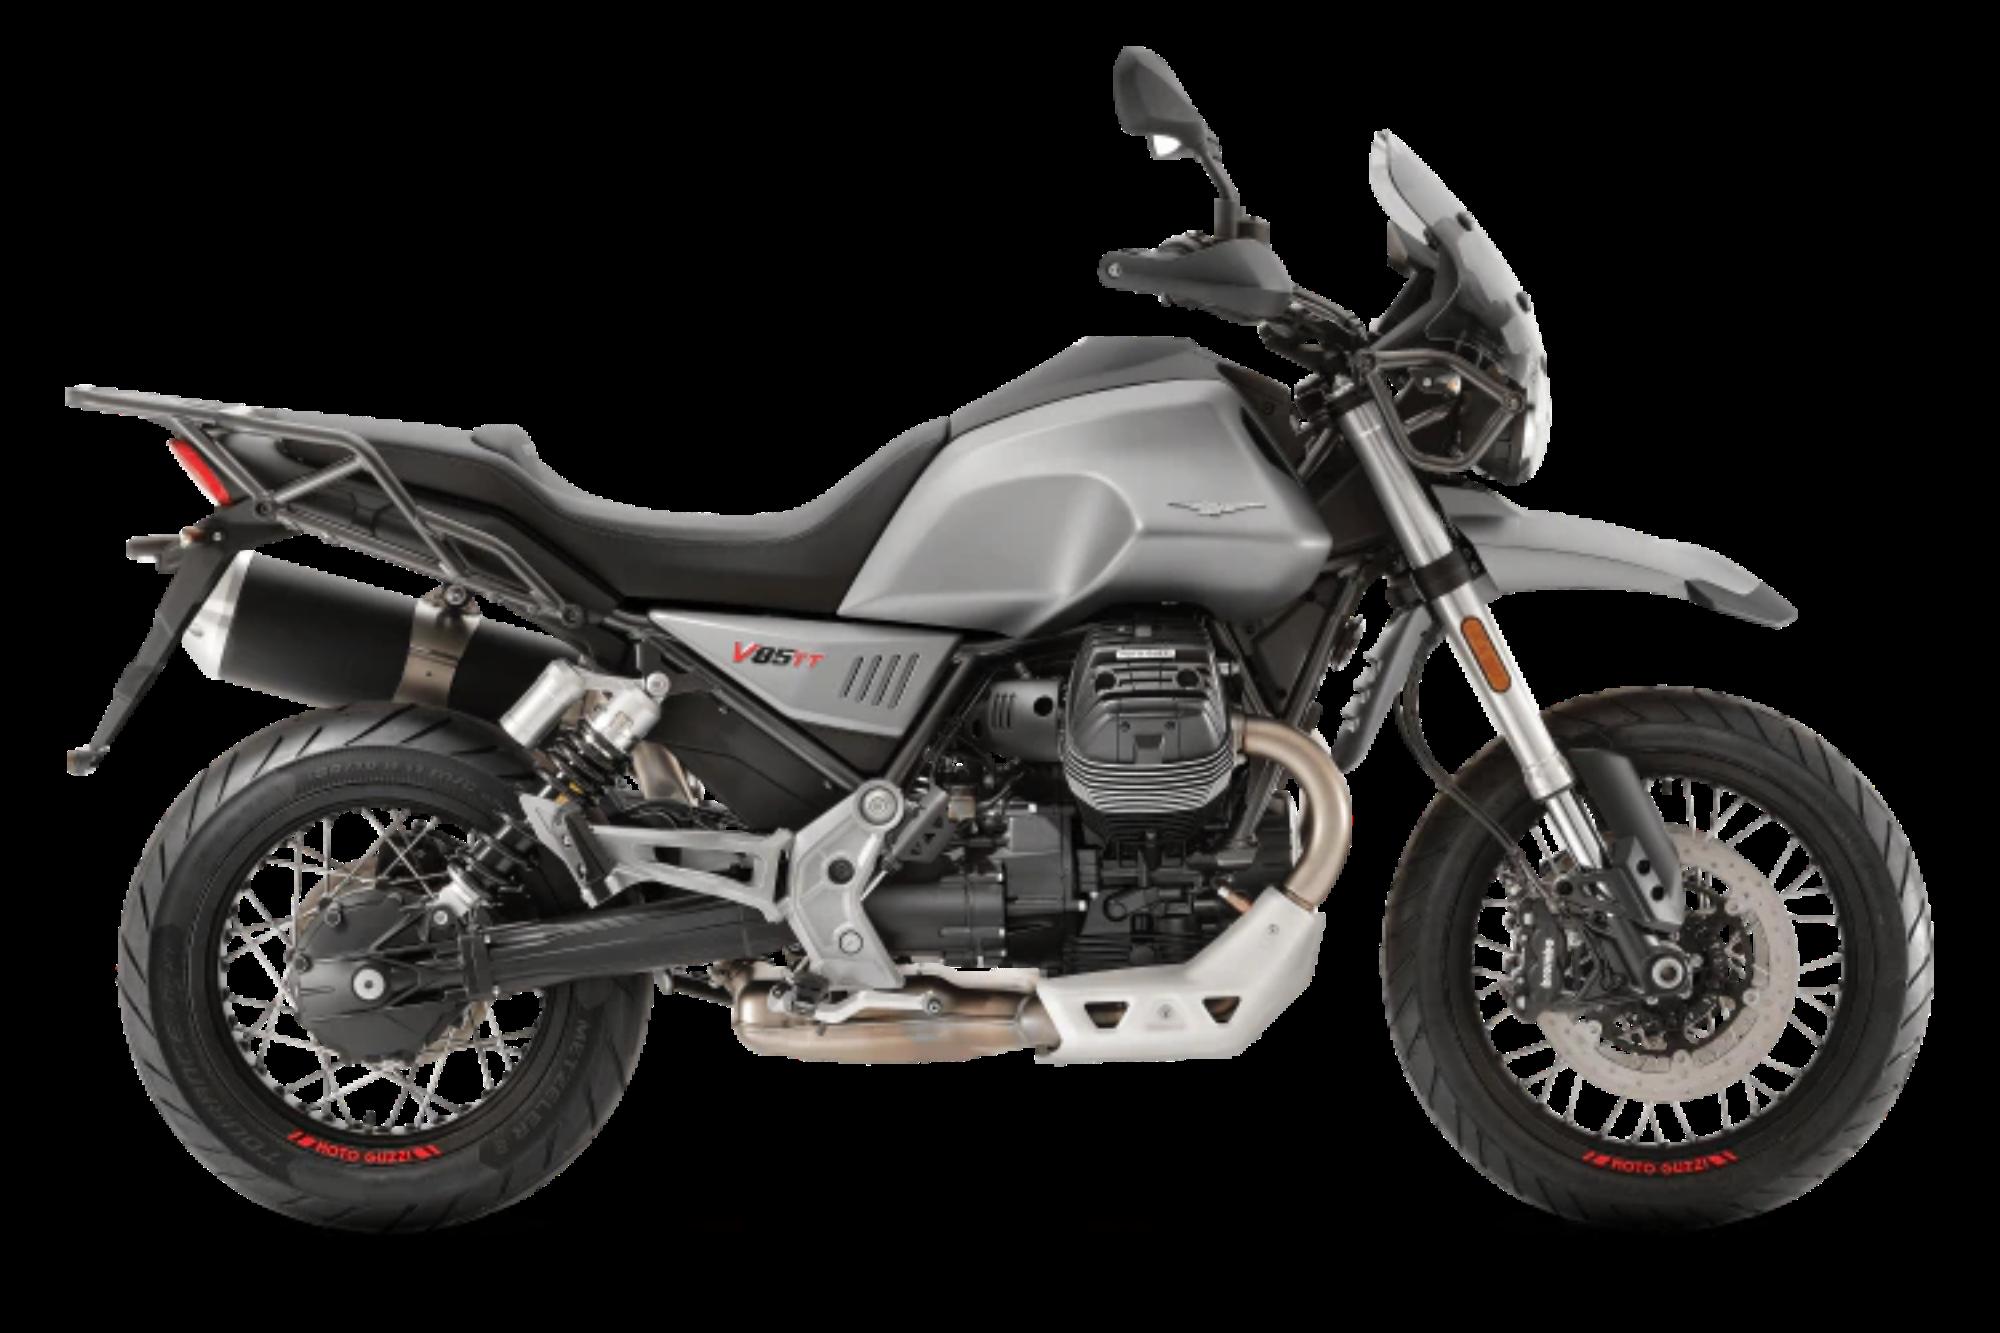 Moto Guzzi V85 TT 850 E4